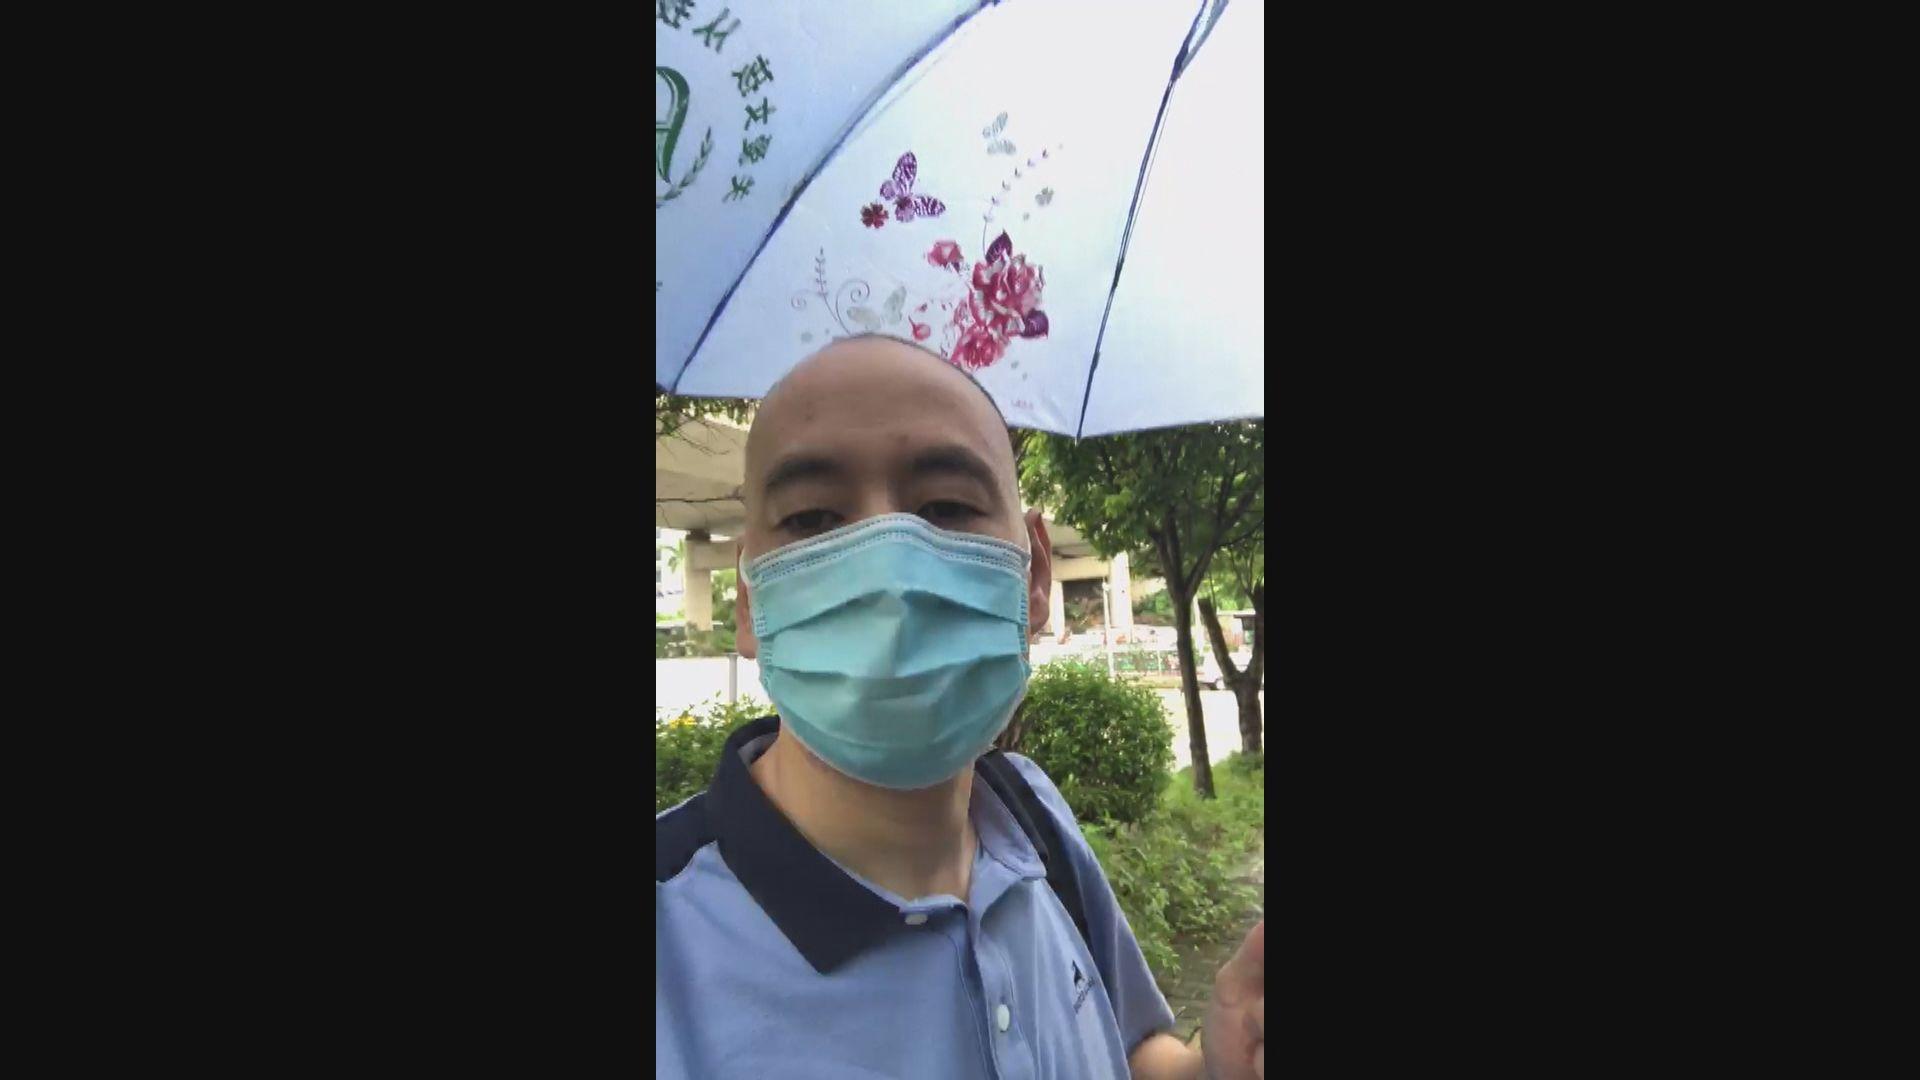 12港人仍扣深圳 律師引述警官指港人獲指定「官派律師」